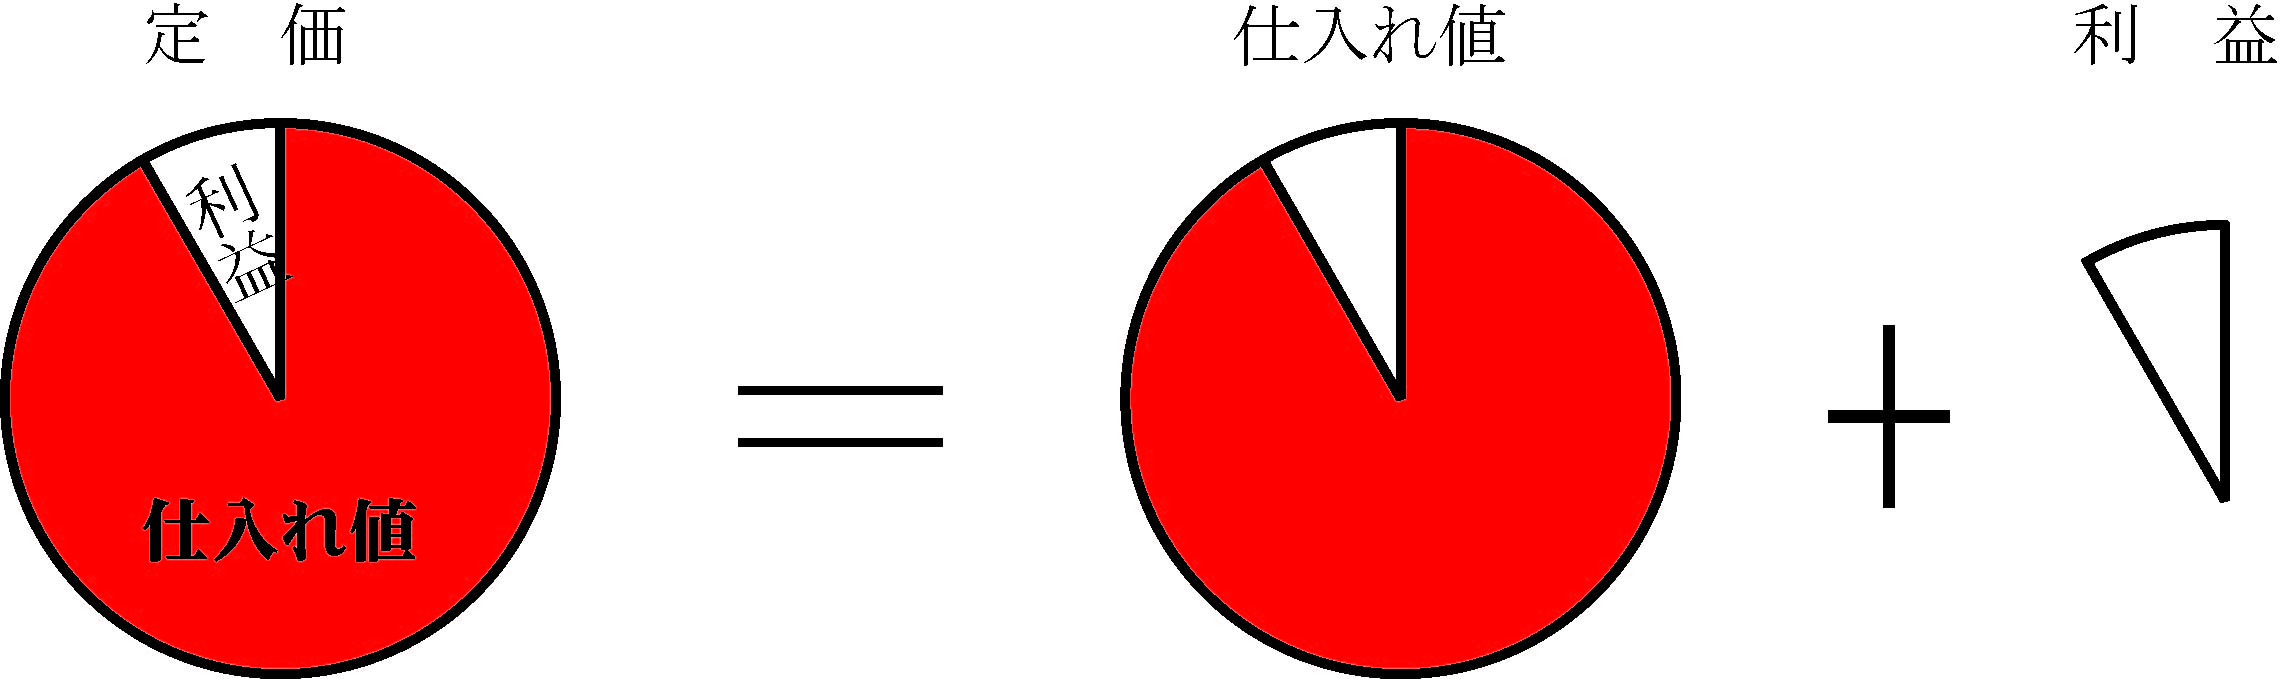 数学 定価と利益と仕入れ値の問題